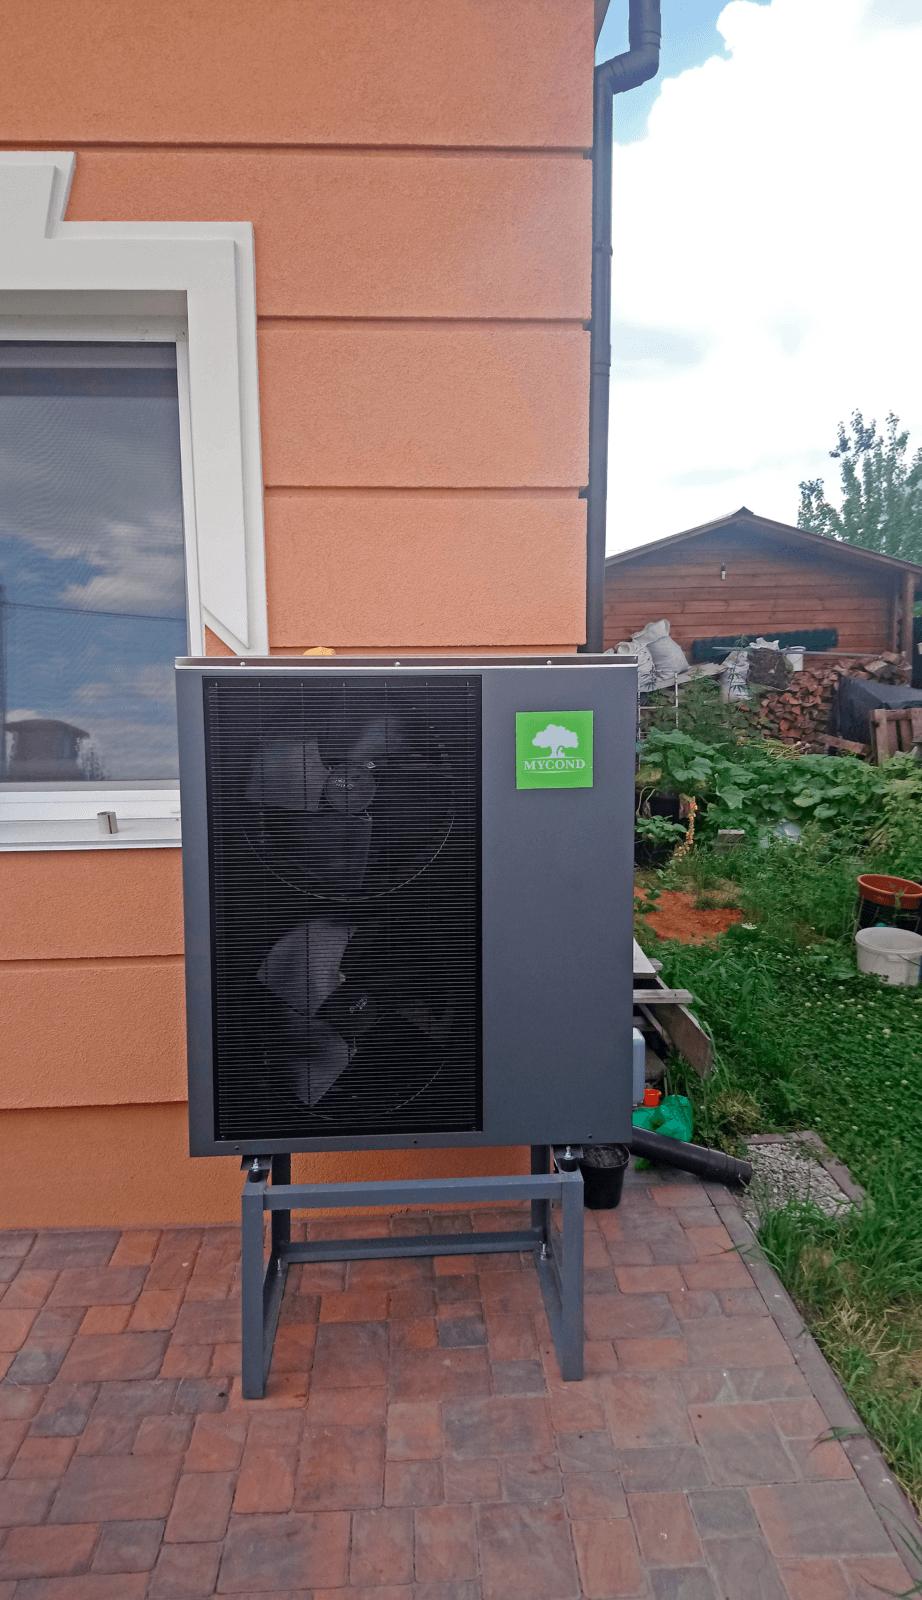 Практичне рішення: модернізація системи опалення та нагріву води приватного будинку 120 м²